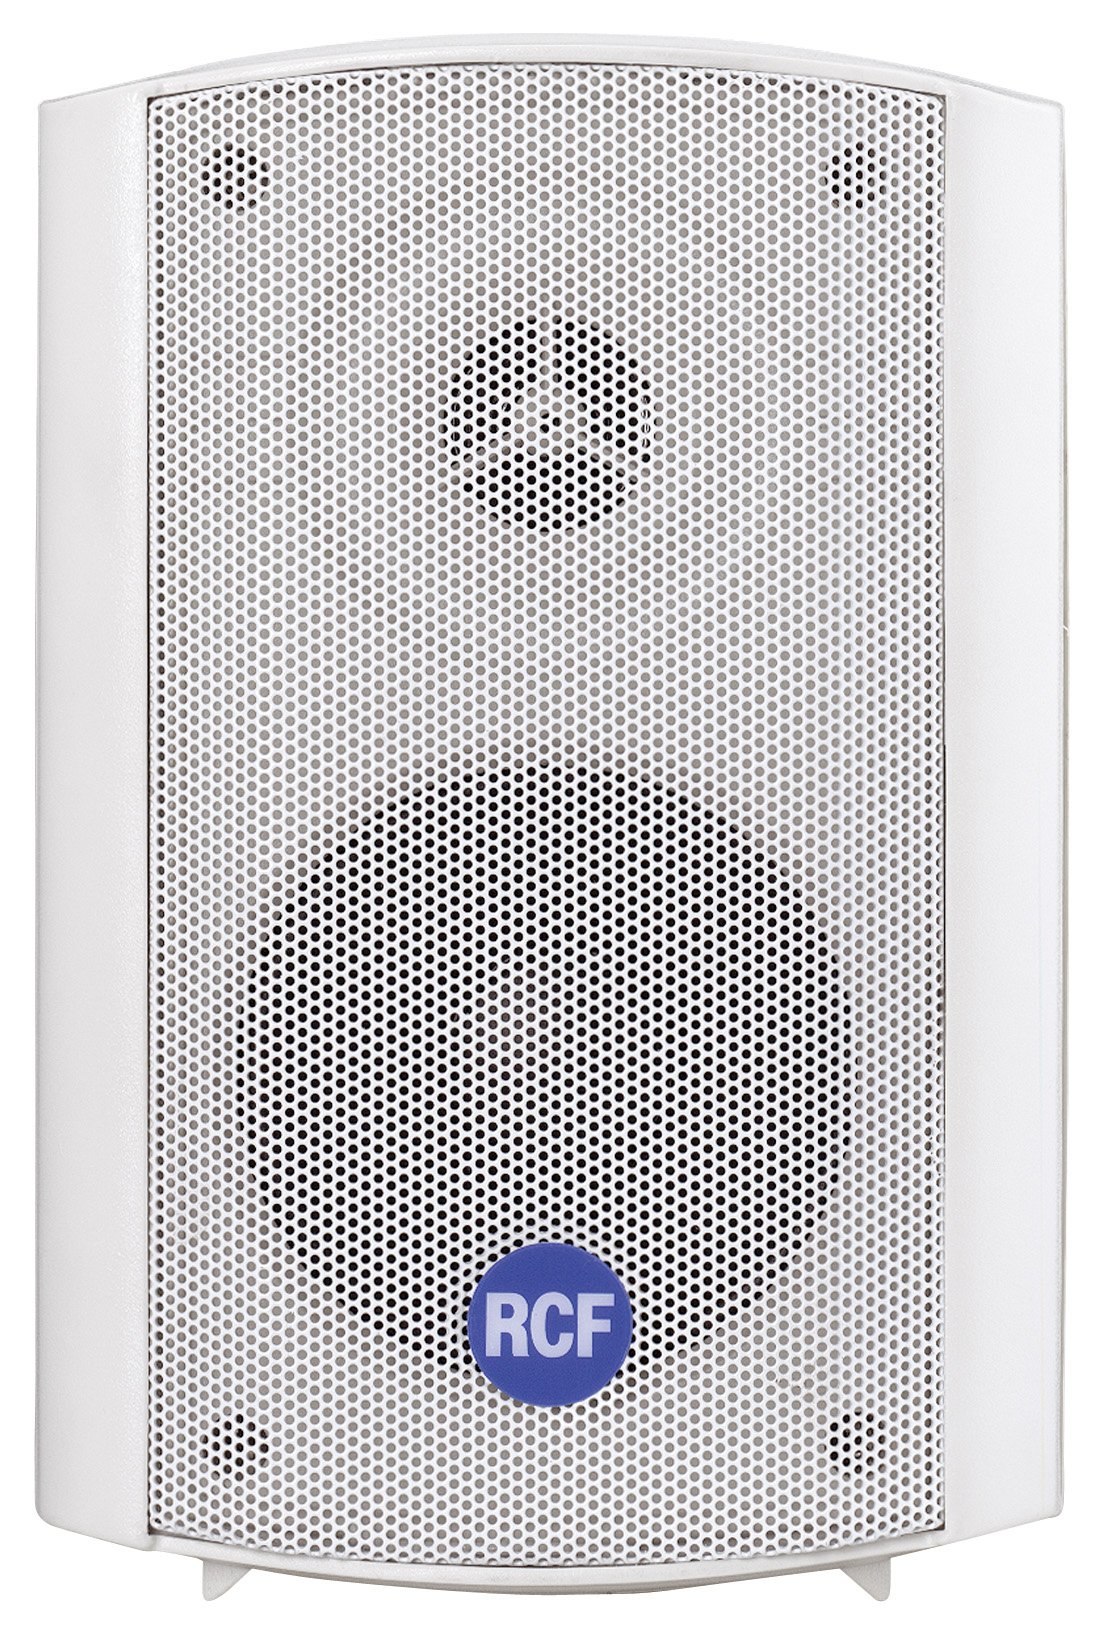 RCF DM 61